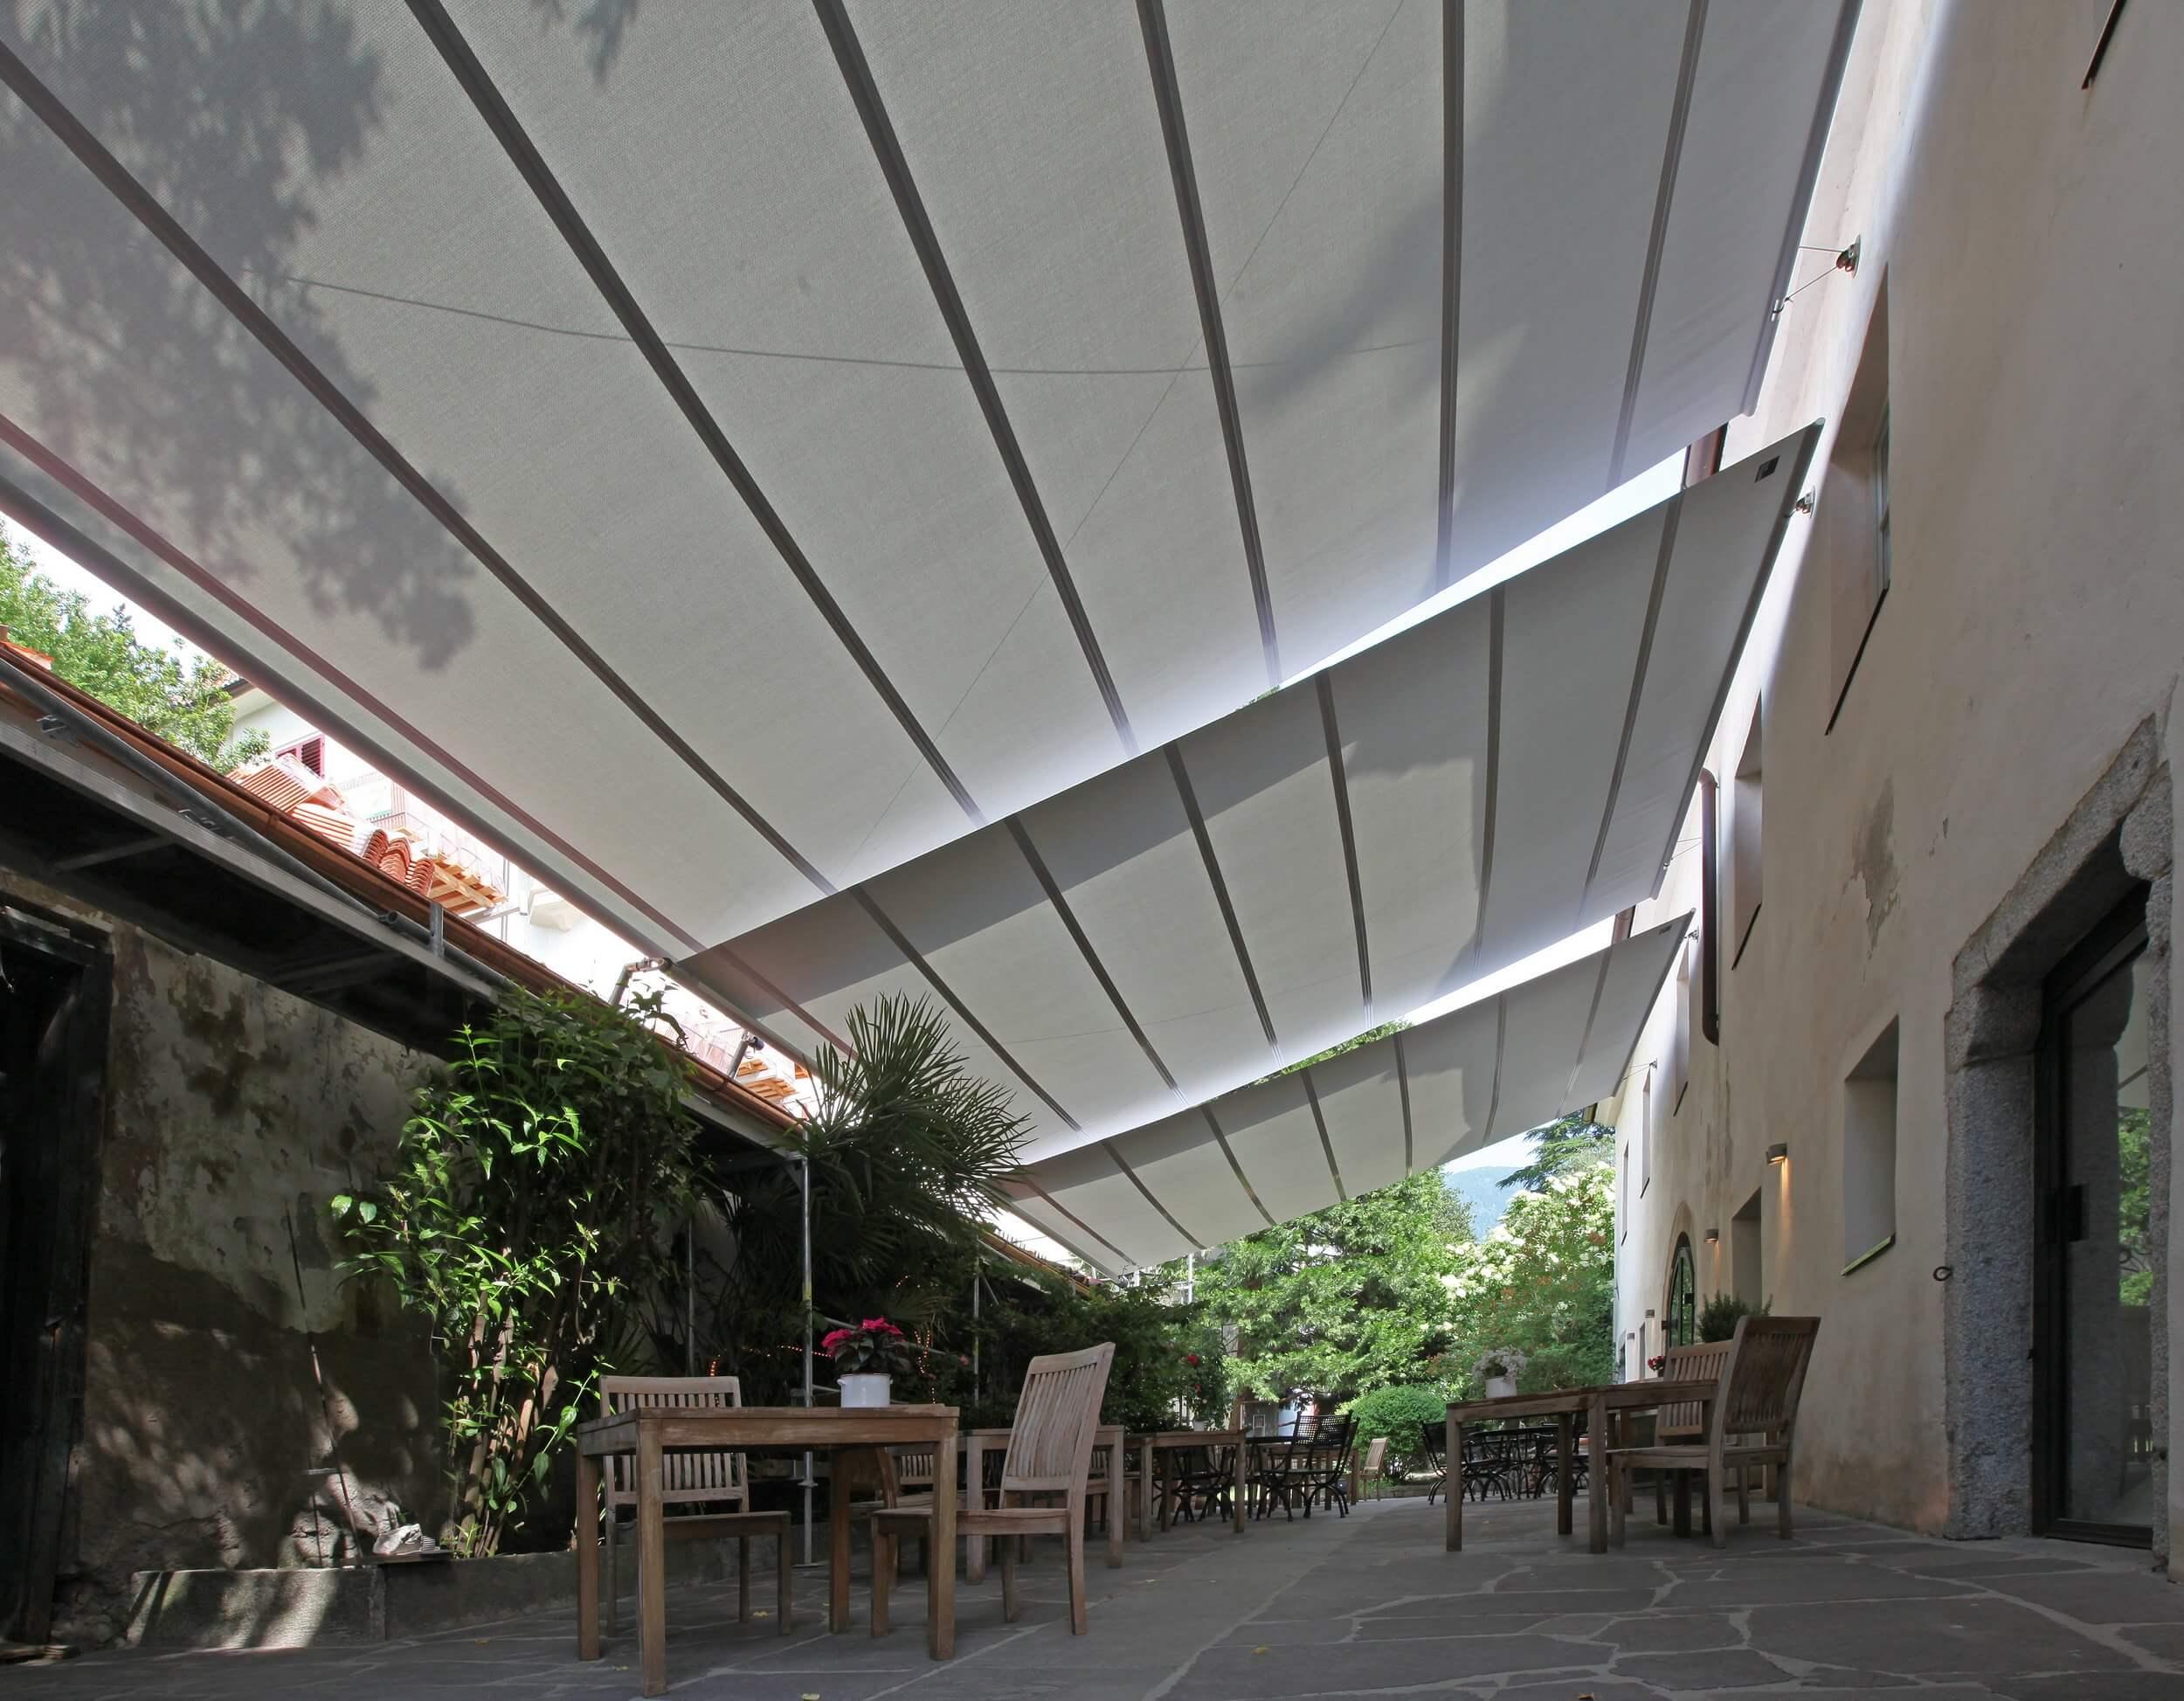 Sonnen Regenschutz Elektrische Sonnensegel Wiesbaden